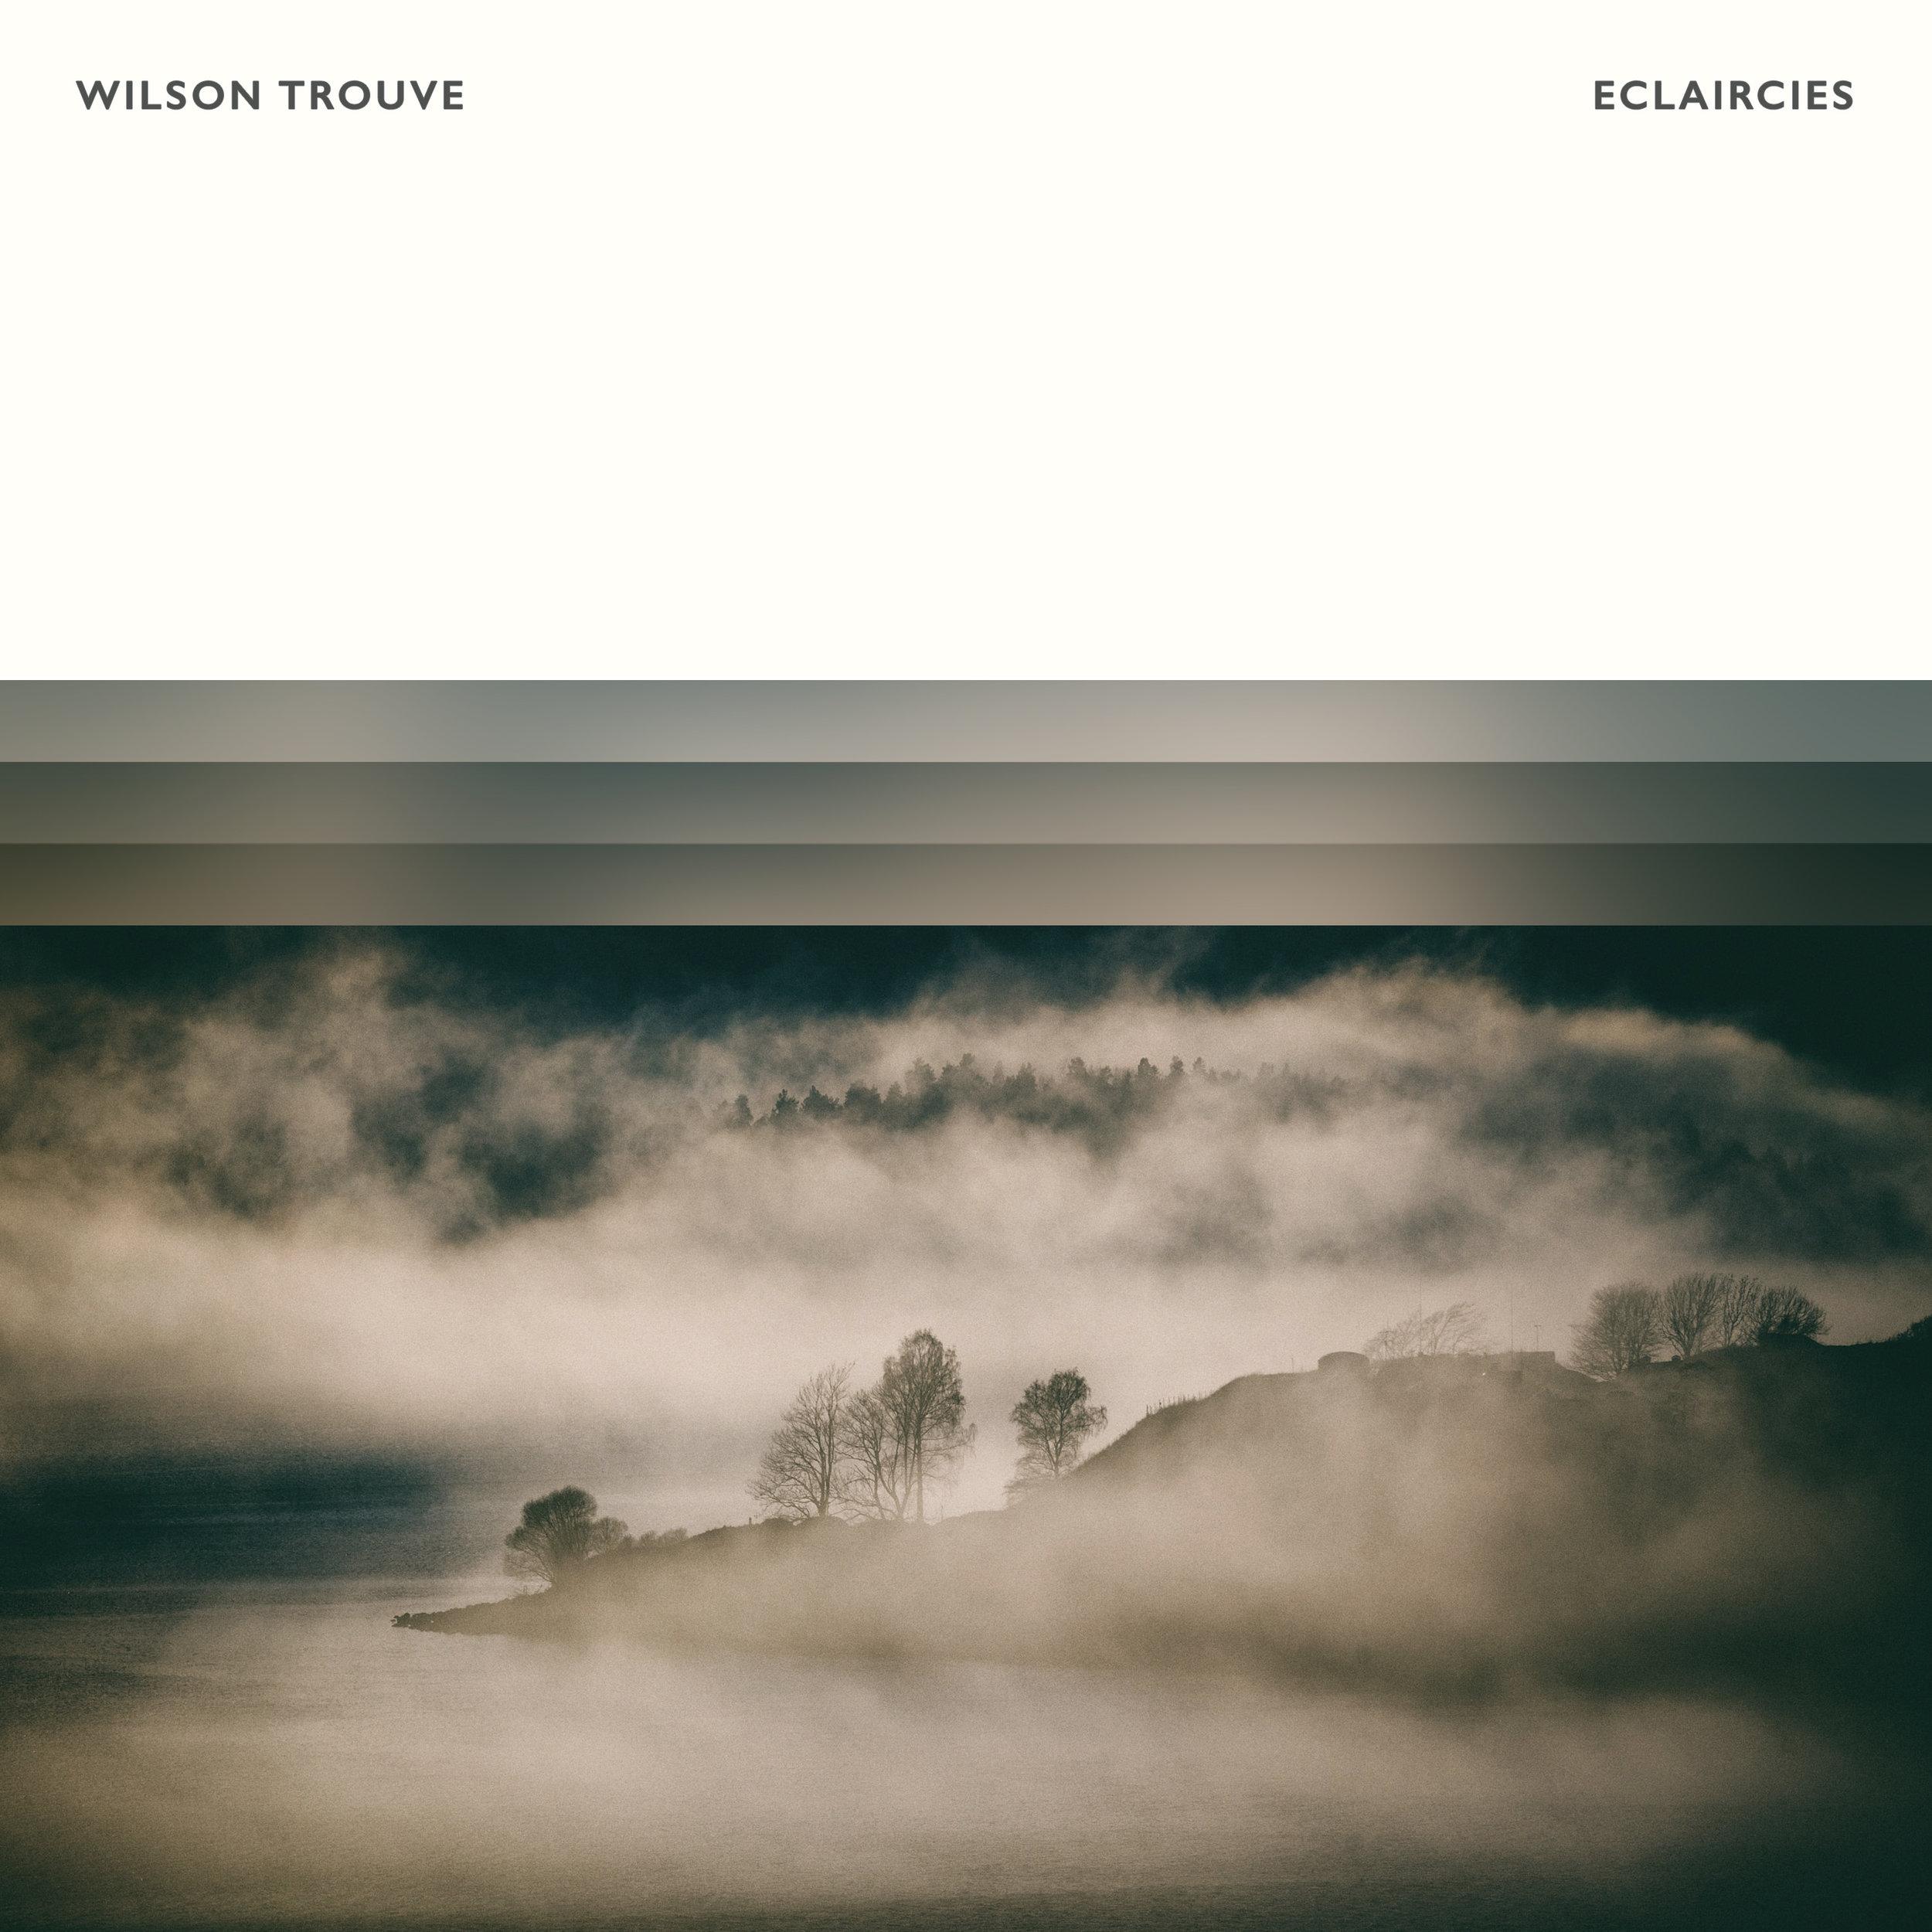 Wilson Trouve - Eclaircies